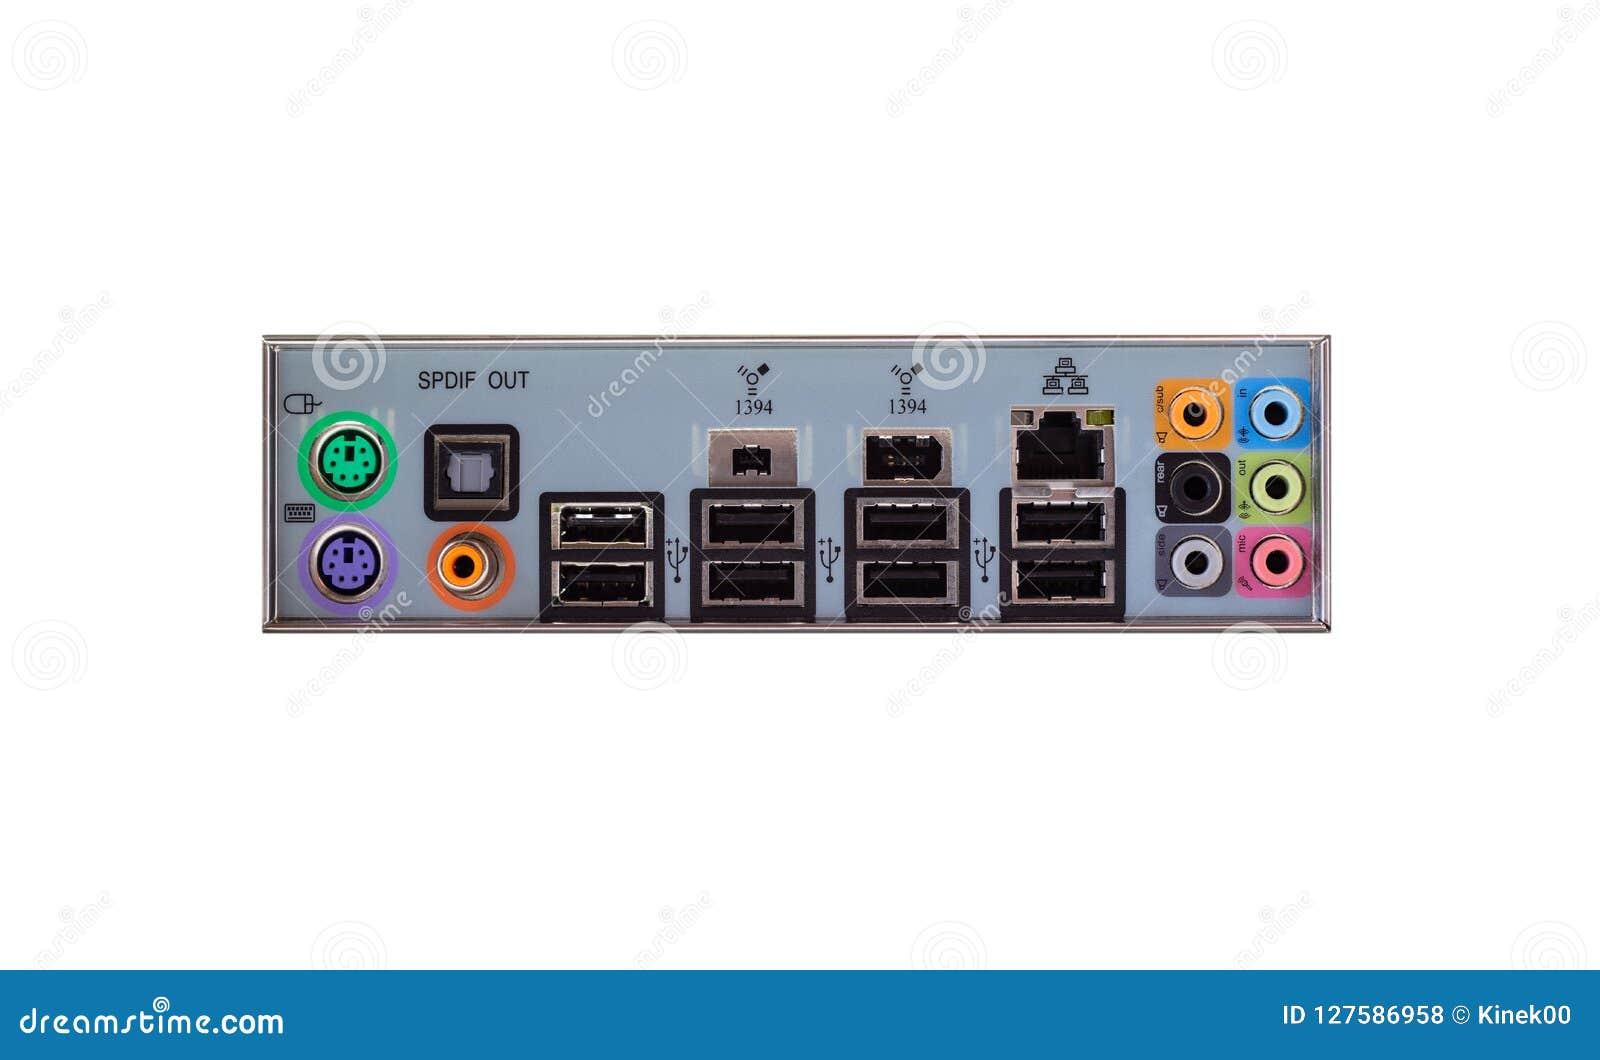 Άποψη από το πίσω μέρος ενός υπολογιστή γραφείου με μια ορατή επιτροπή σύνδεσης, ήχος, τοπικό LAN, ποντίκι, πληκτρολόγιο, USB